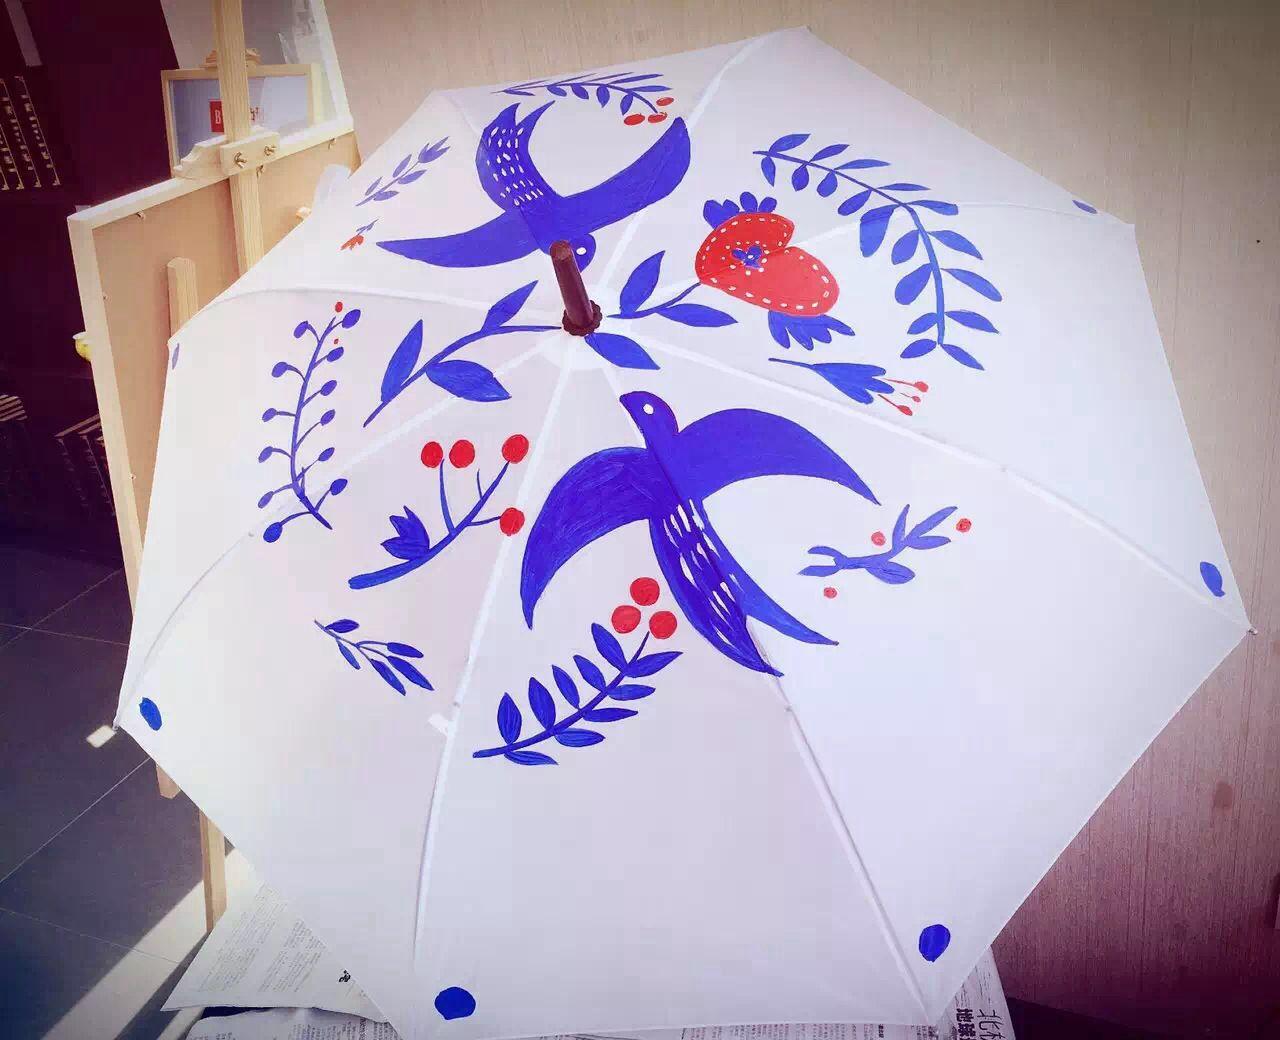 下雨天无聊,所以拿出雨伞开始手绘啦.